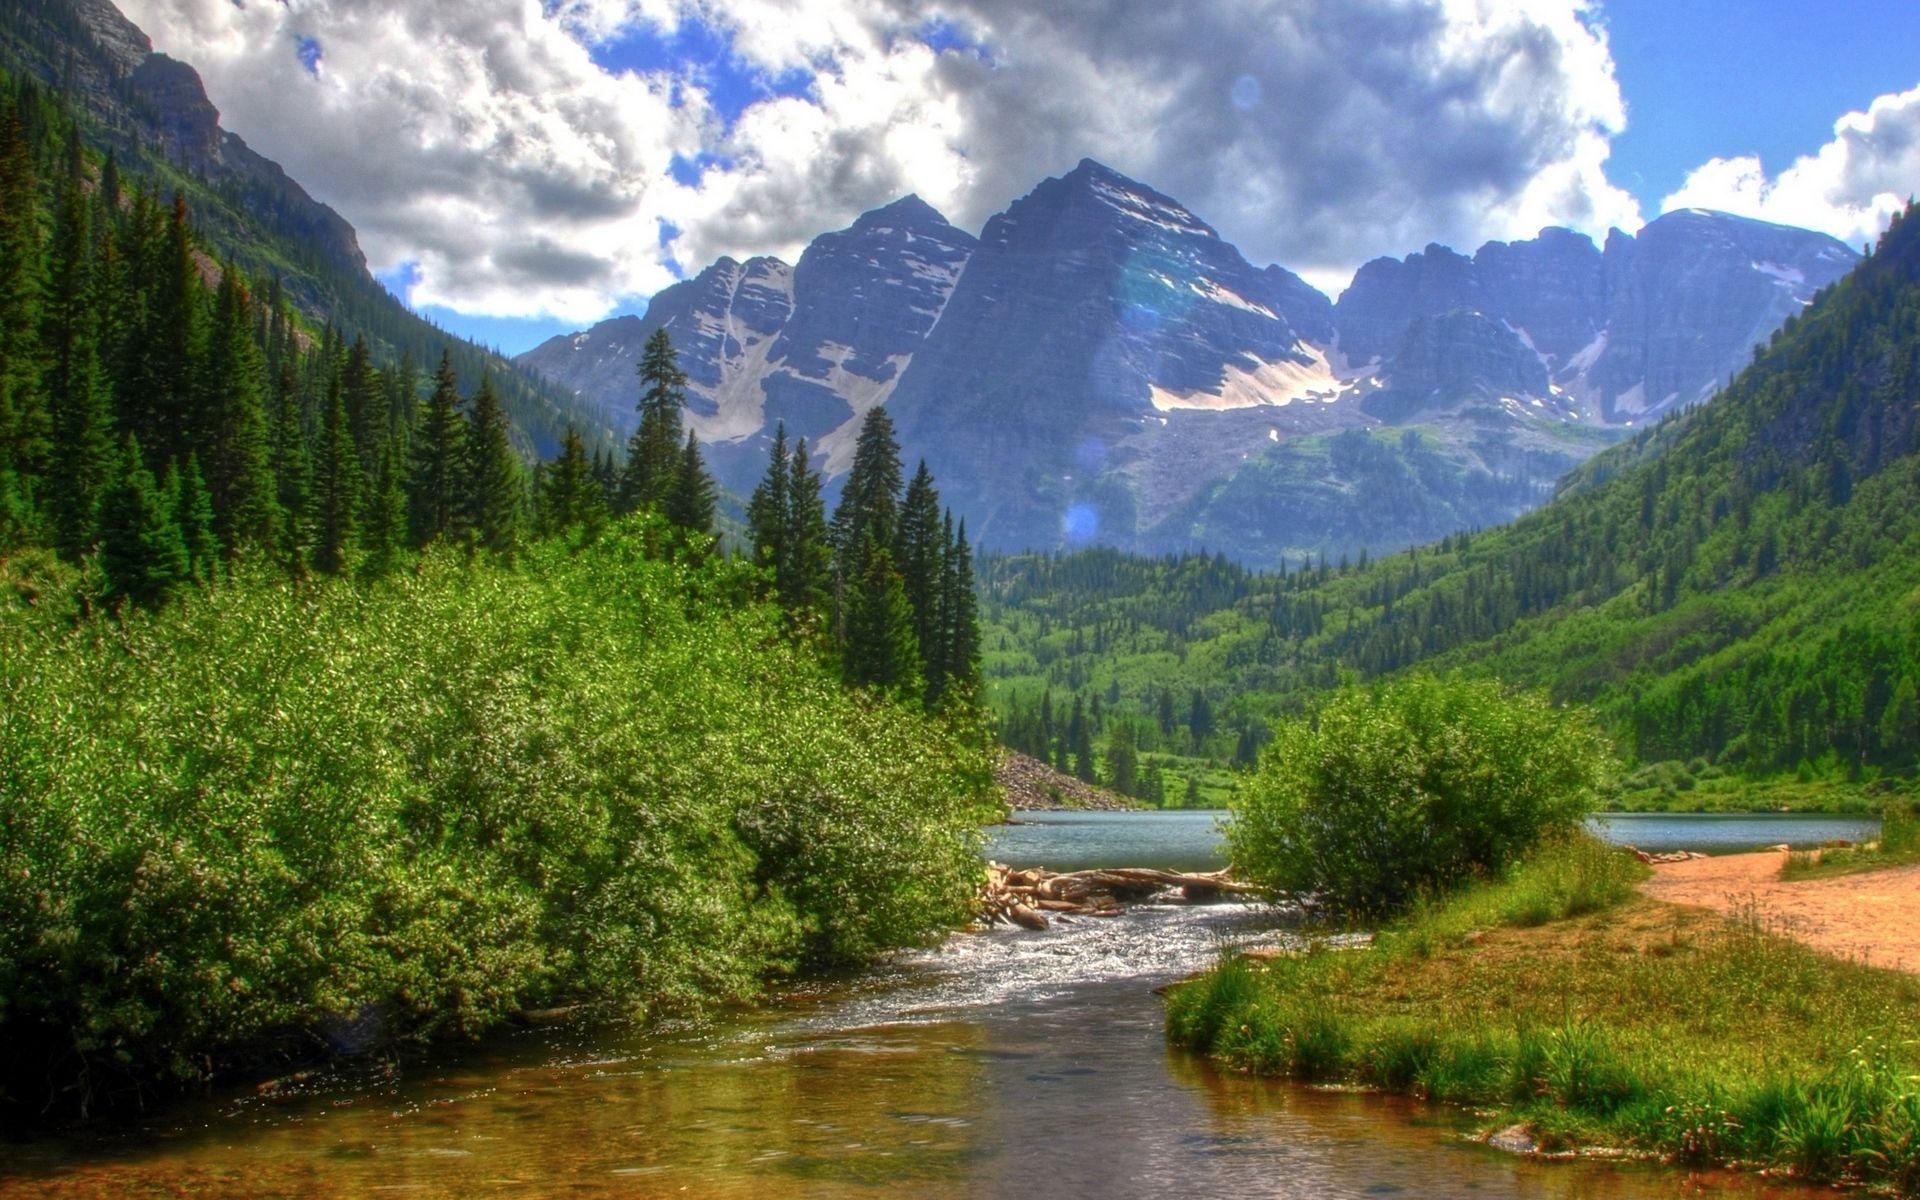 Landscape Nature Hd Mountain Wallpaper Beautiful Places Landscape